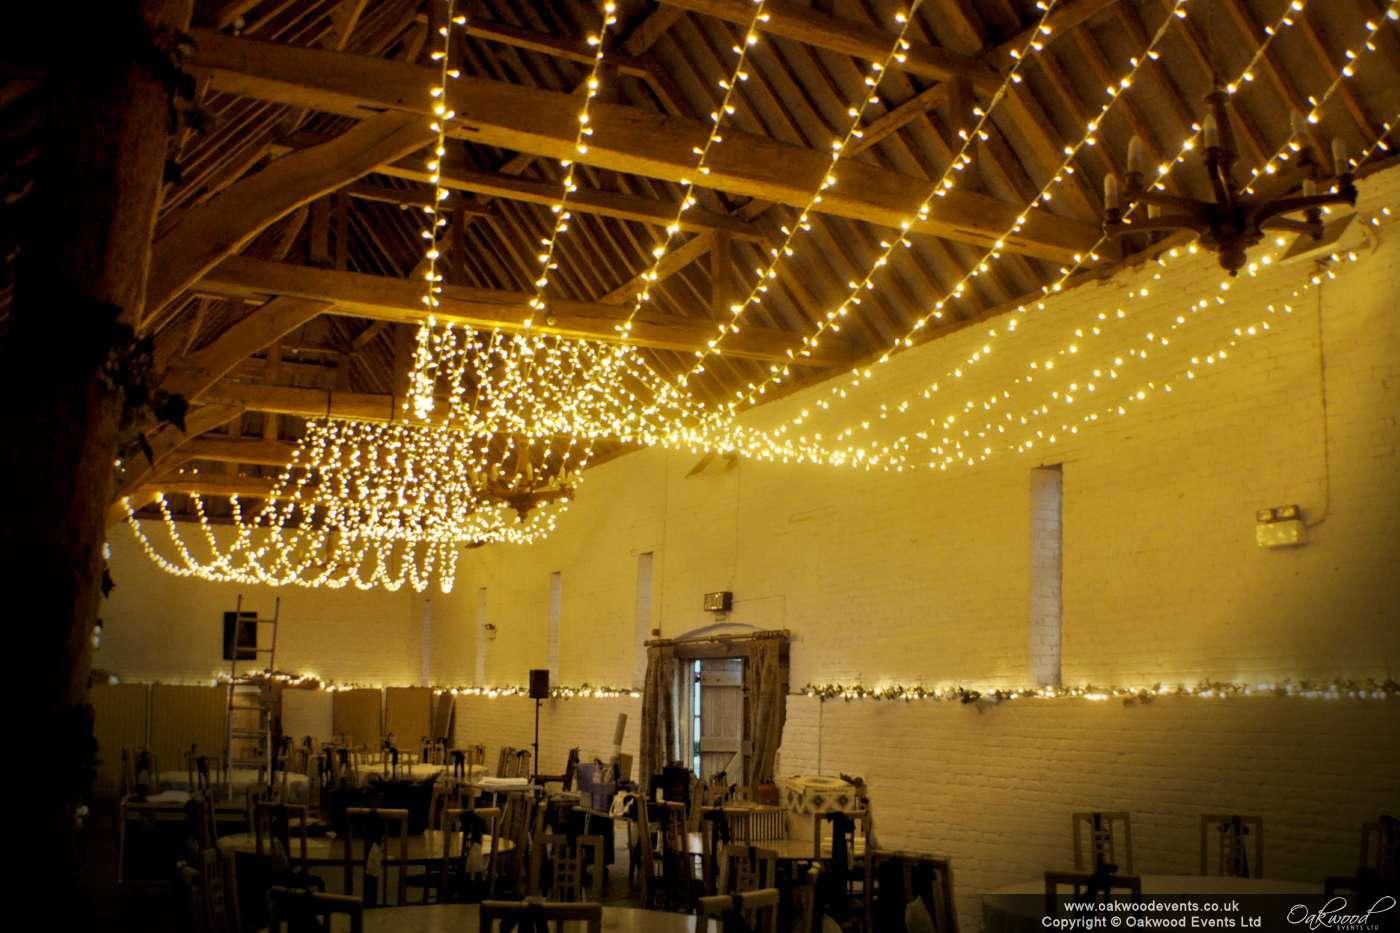 Fairy Light Ceiling: Bradley, S. (2014) Ufton Court.,Lighting